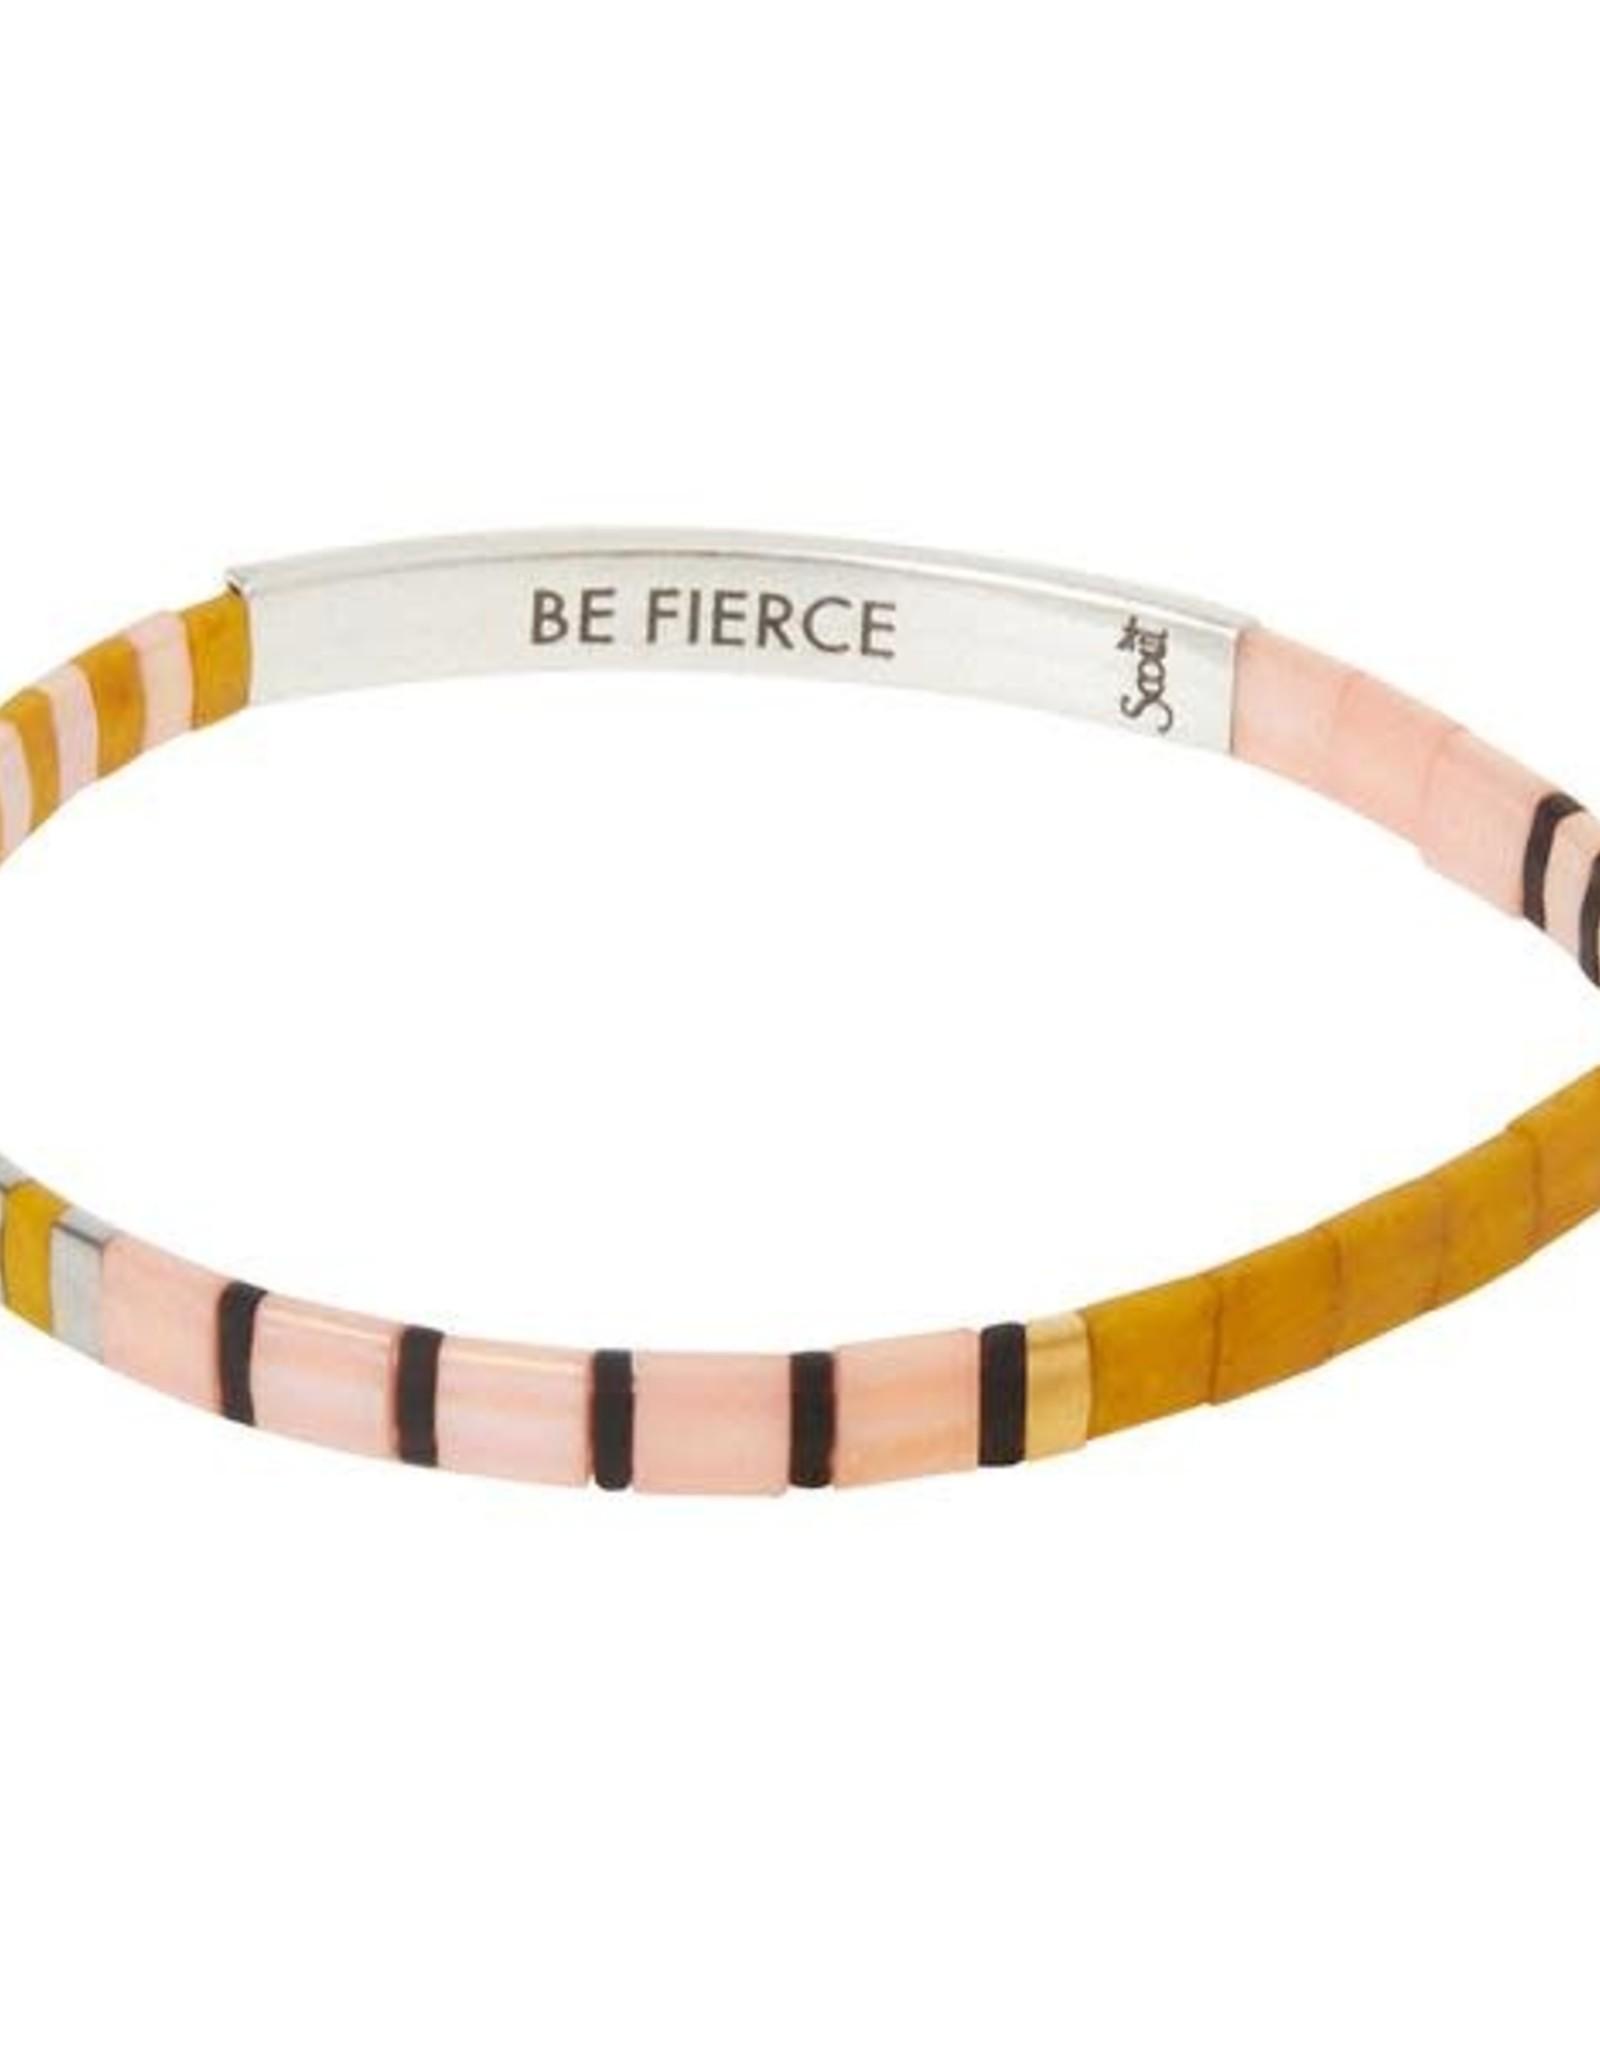 Scout Scout Good Karma Miyuki Bracelet Be Fierce - Pink